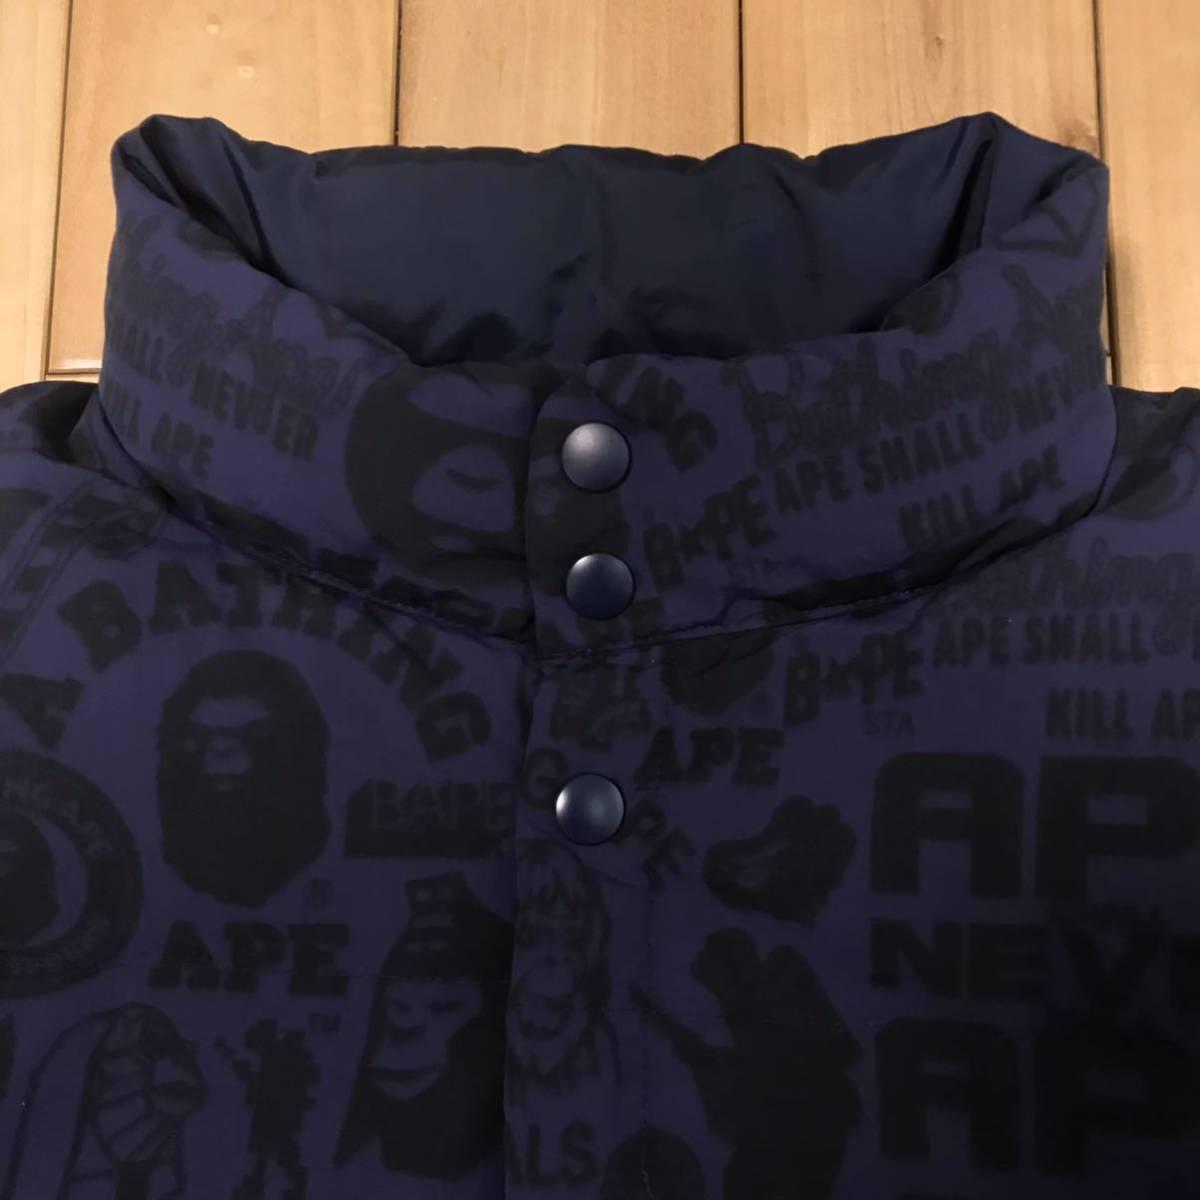 ★パイレーツストア限定★ ダウンベスト mix logo ネイビー Mサイズ a bathing ape BAPE エイプ ベイプ アベイシングエイプ down vest